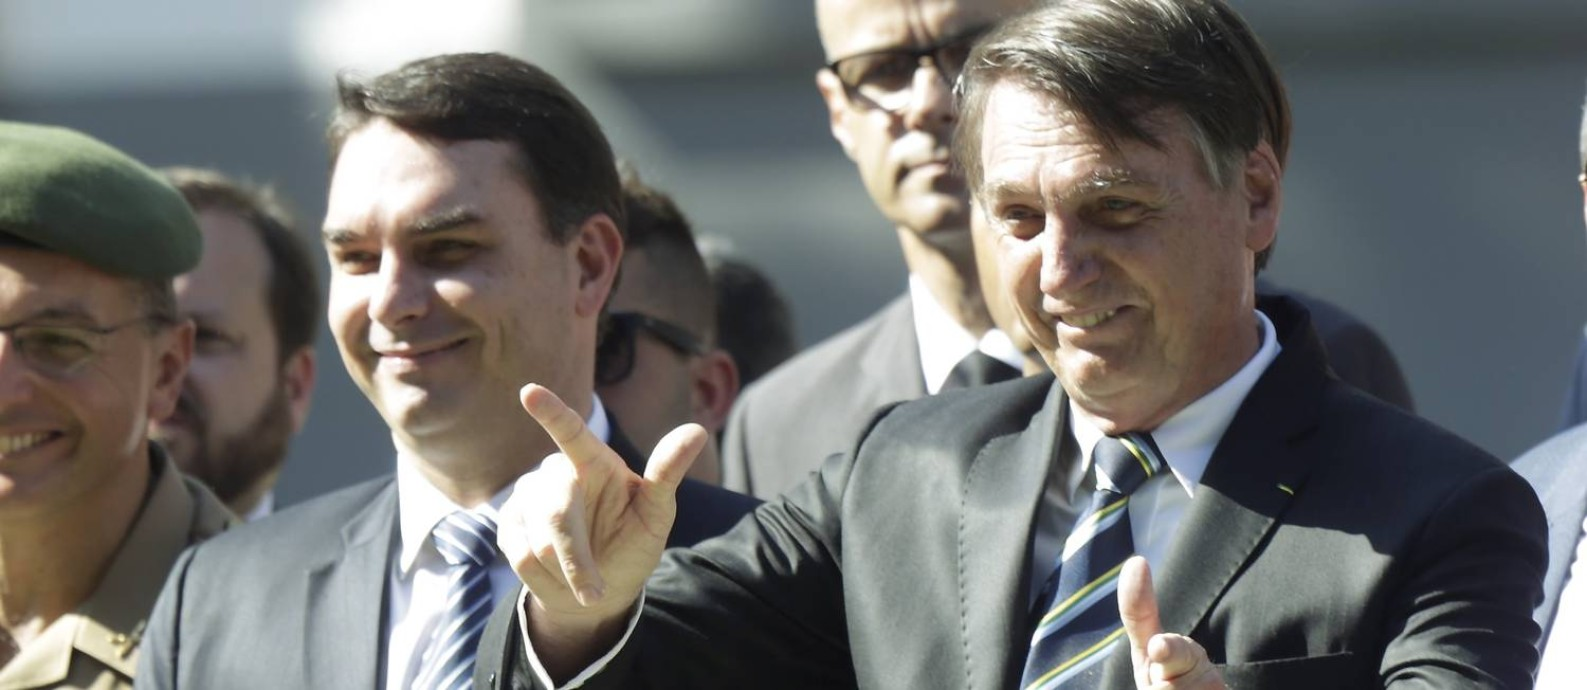 O presidente Jair Bolsonaro e seu filho Flávio empregaram 12 parentes em gabinetes da família, além de Ana Cristina Valle Foto: Gabriel de Paiva / Agência O Globo